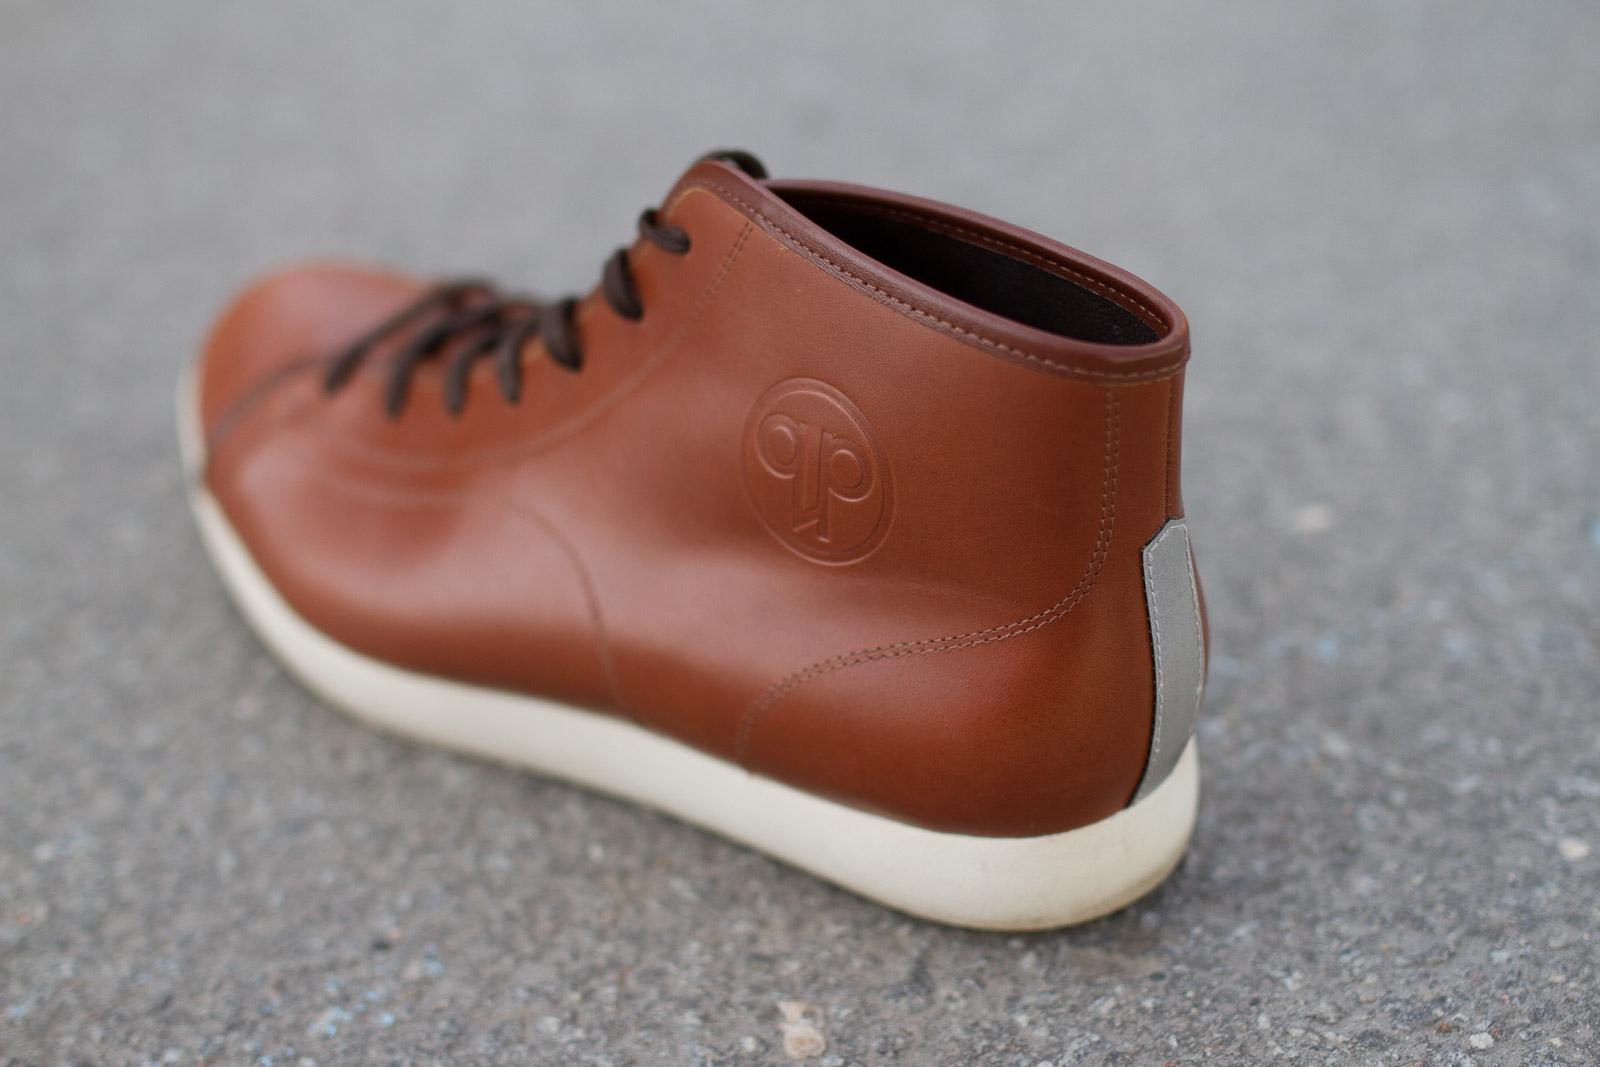 Reflexremsan baktill är ett signum på Quoc Phams skor